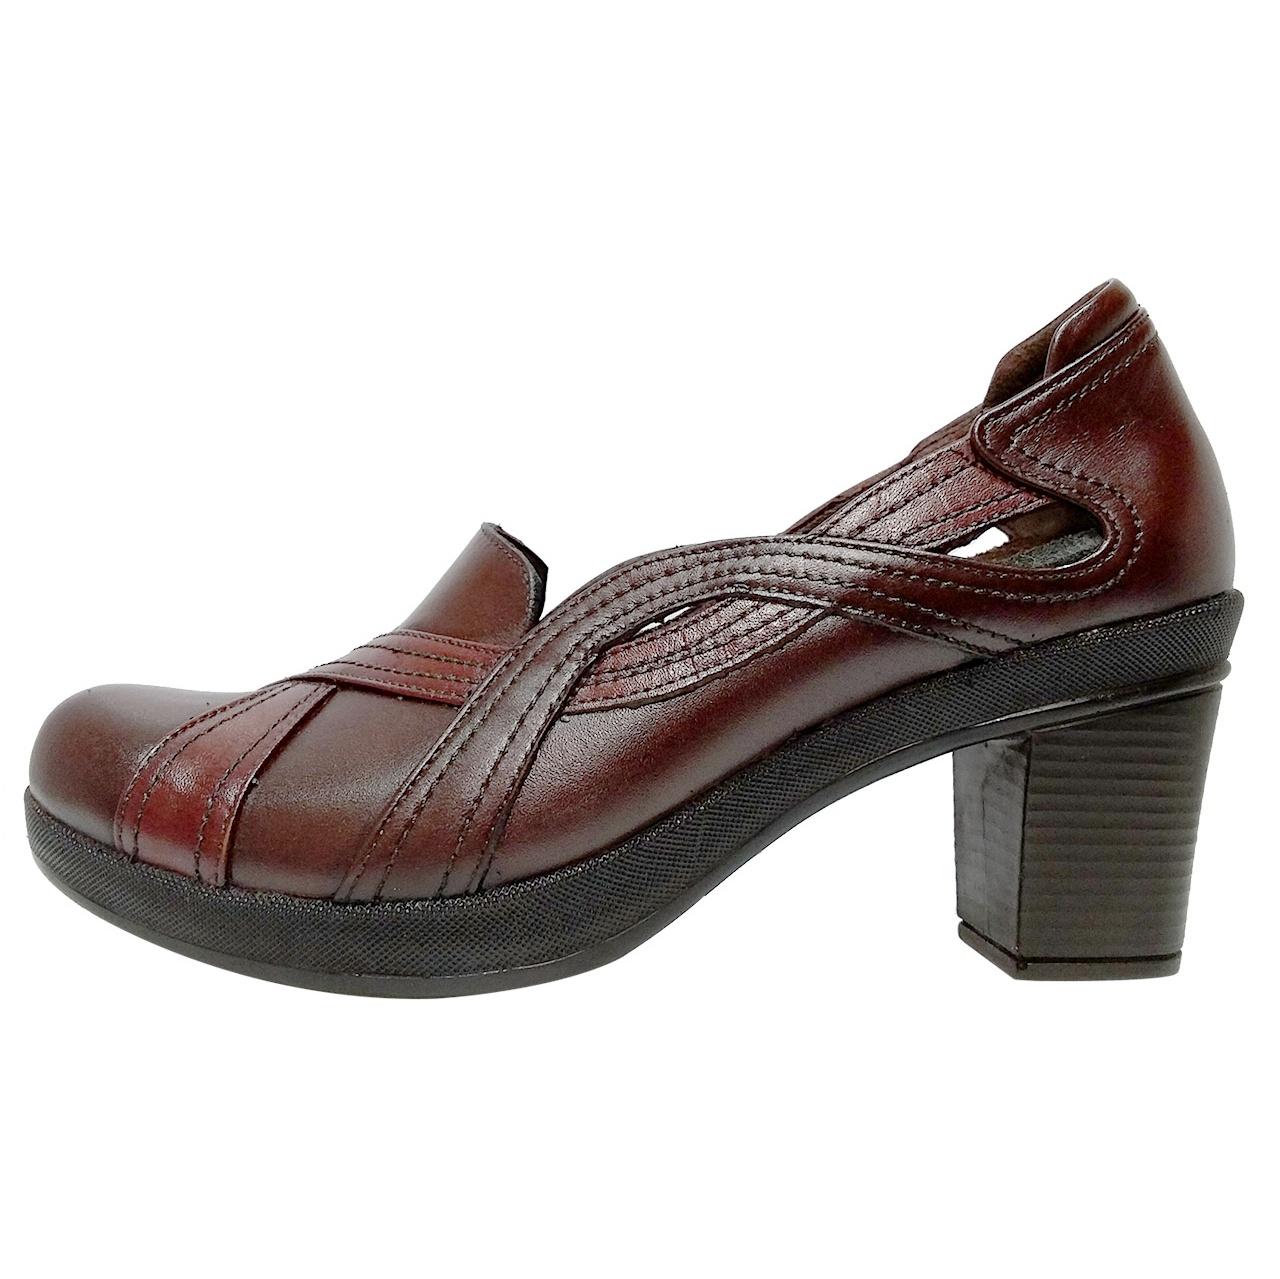 خرید                      کفش زنانه روشن مدل 214 کد 02